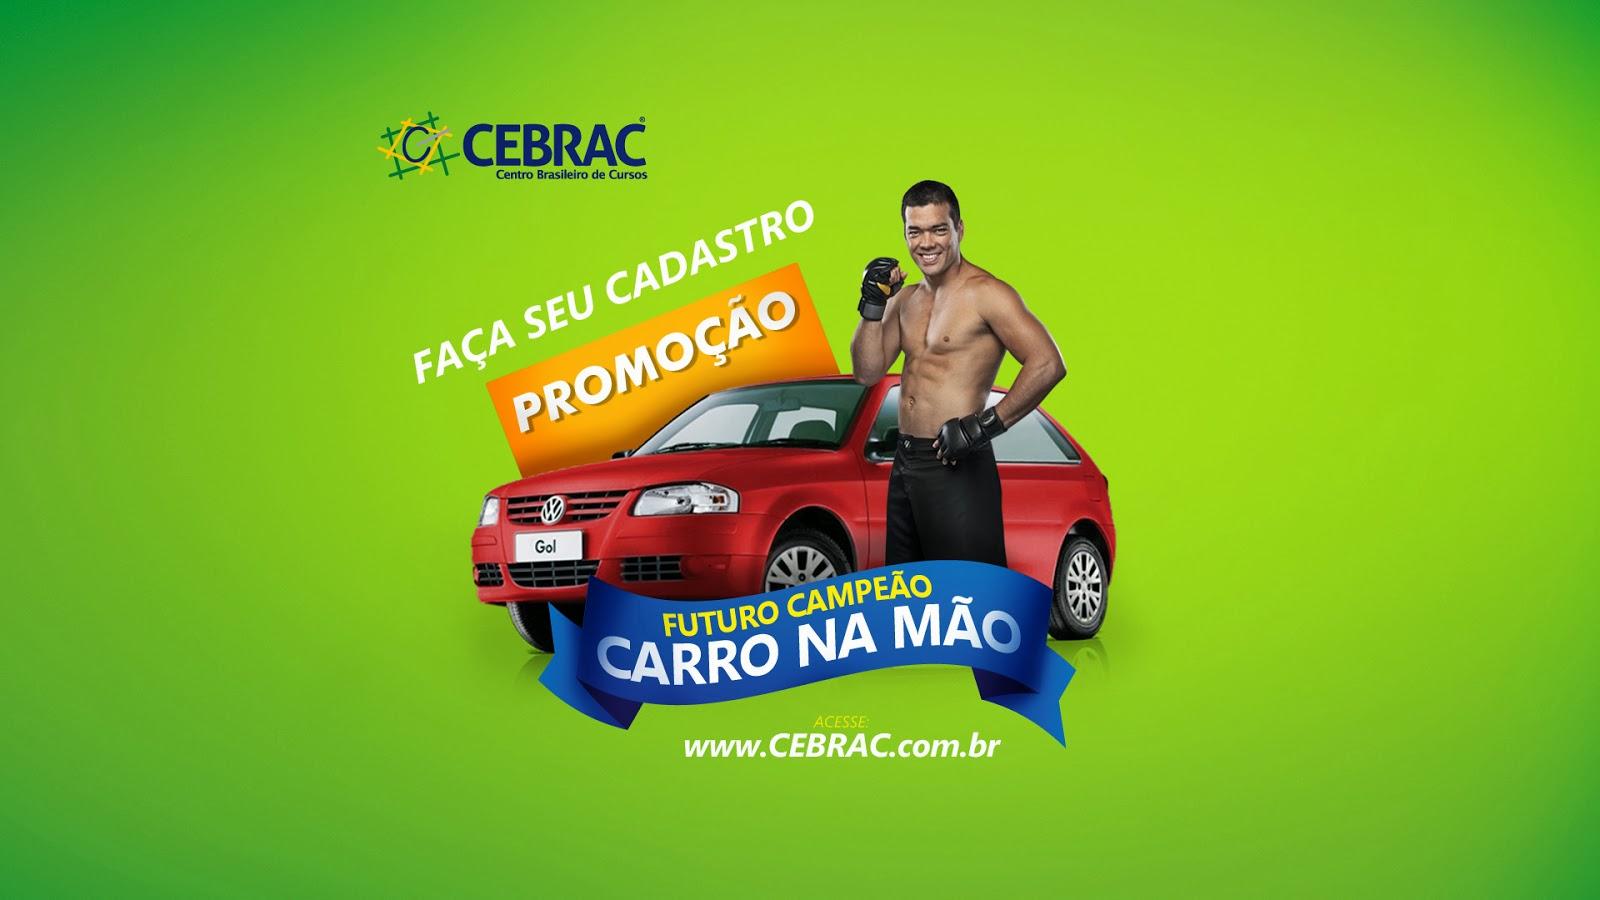 http://www.promocaocebrac.kinghost.net/